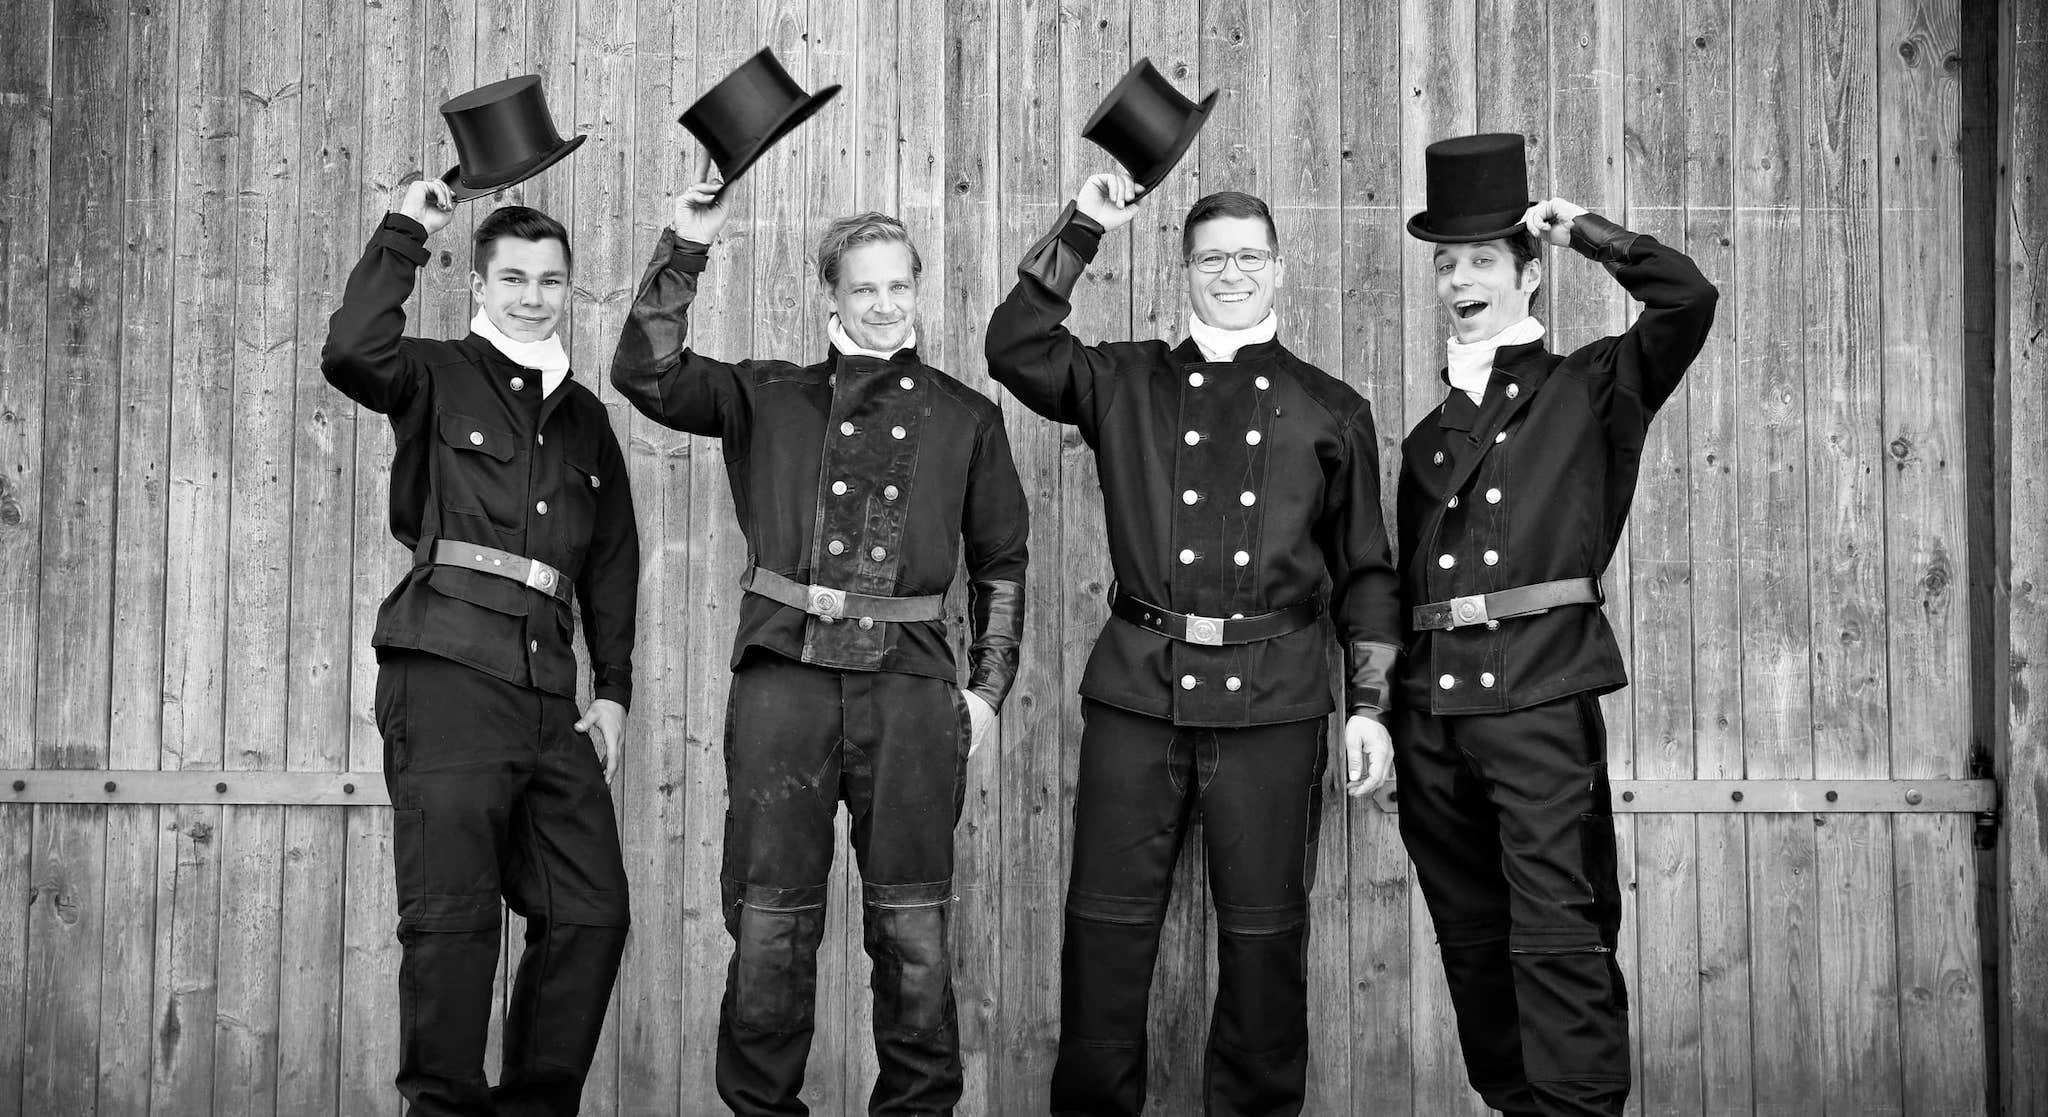 Das Team von Ralf Gröbner in den traditionellen Outfit für Schornsteinfeger - Sie sind die Superschlotis